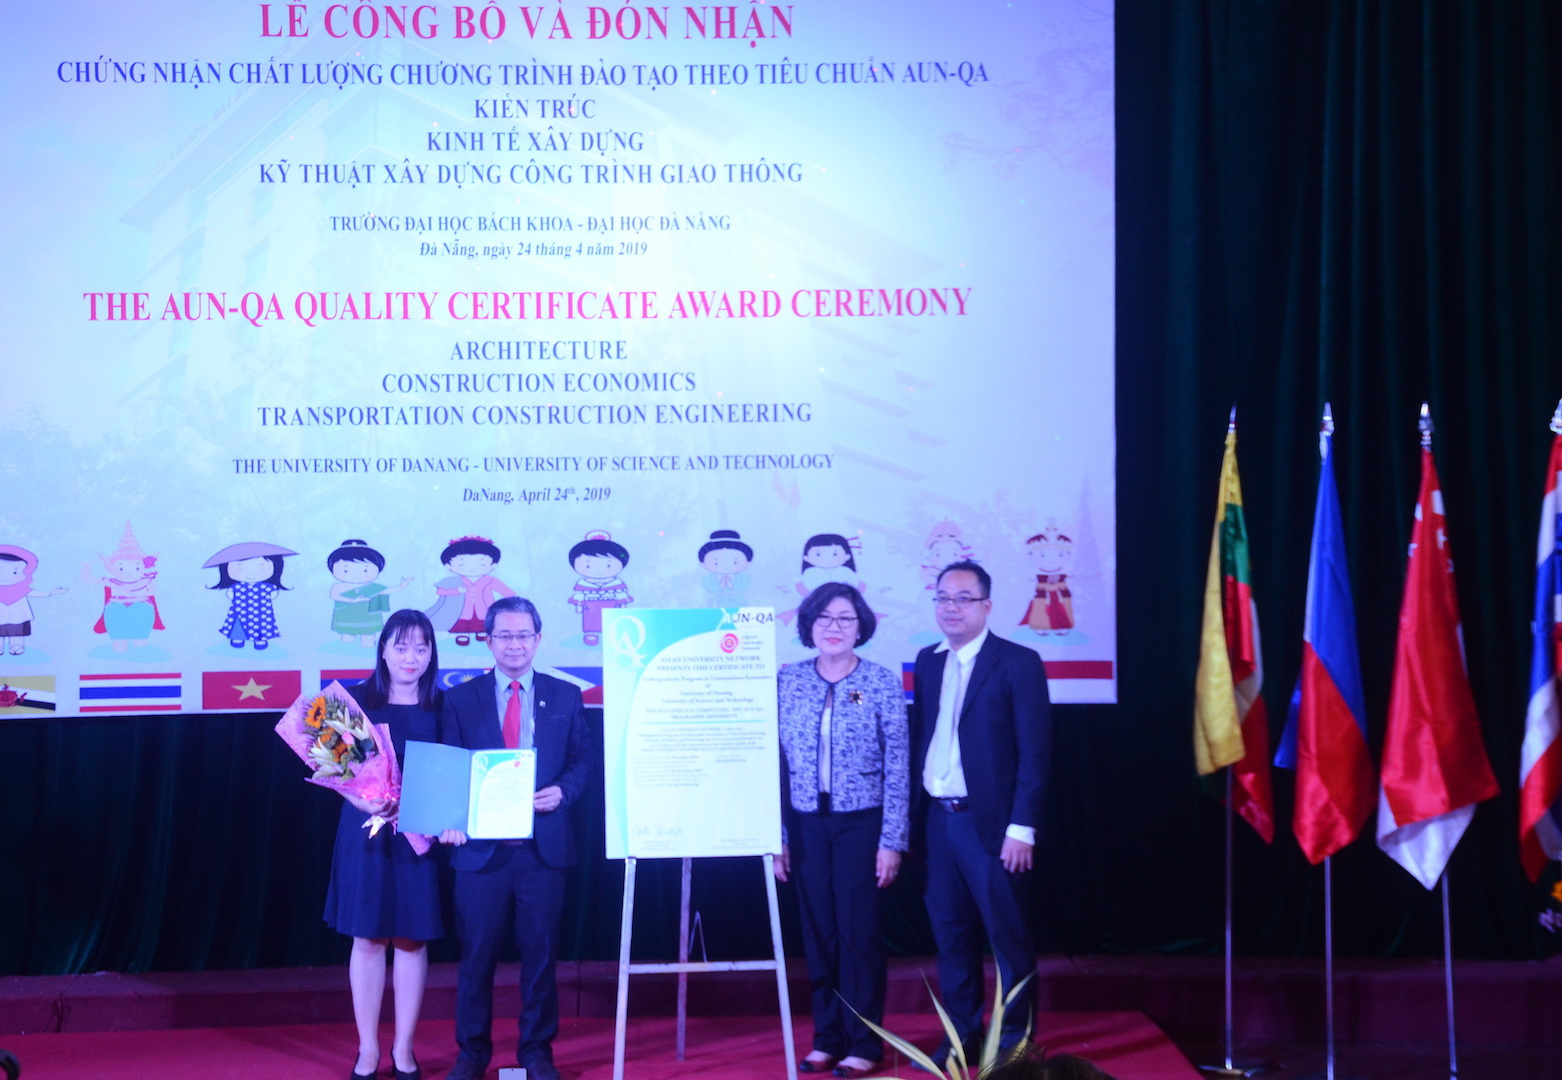 Đại học Bách khoa Đà Nẵng nhận 3 chứng chỉ của AUN-QA